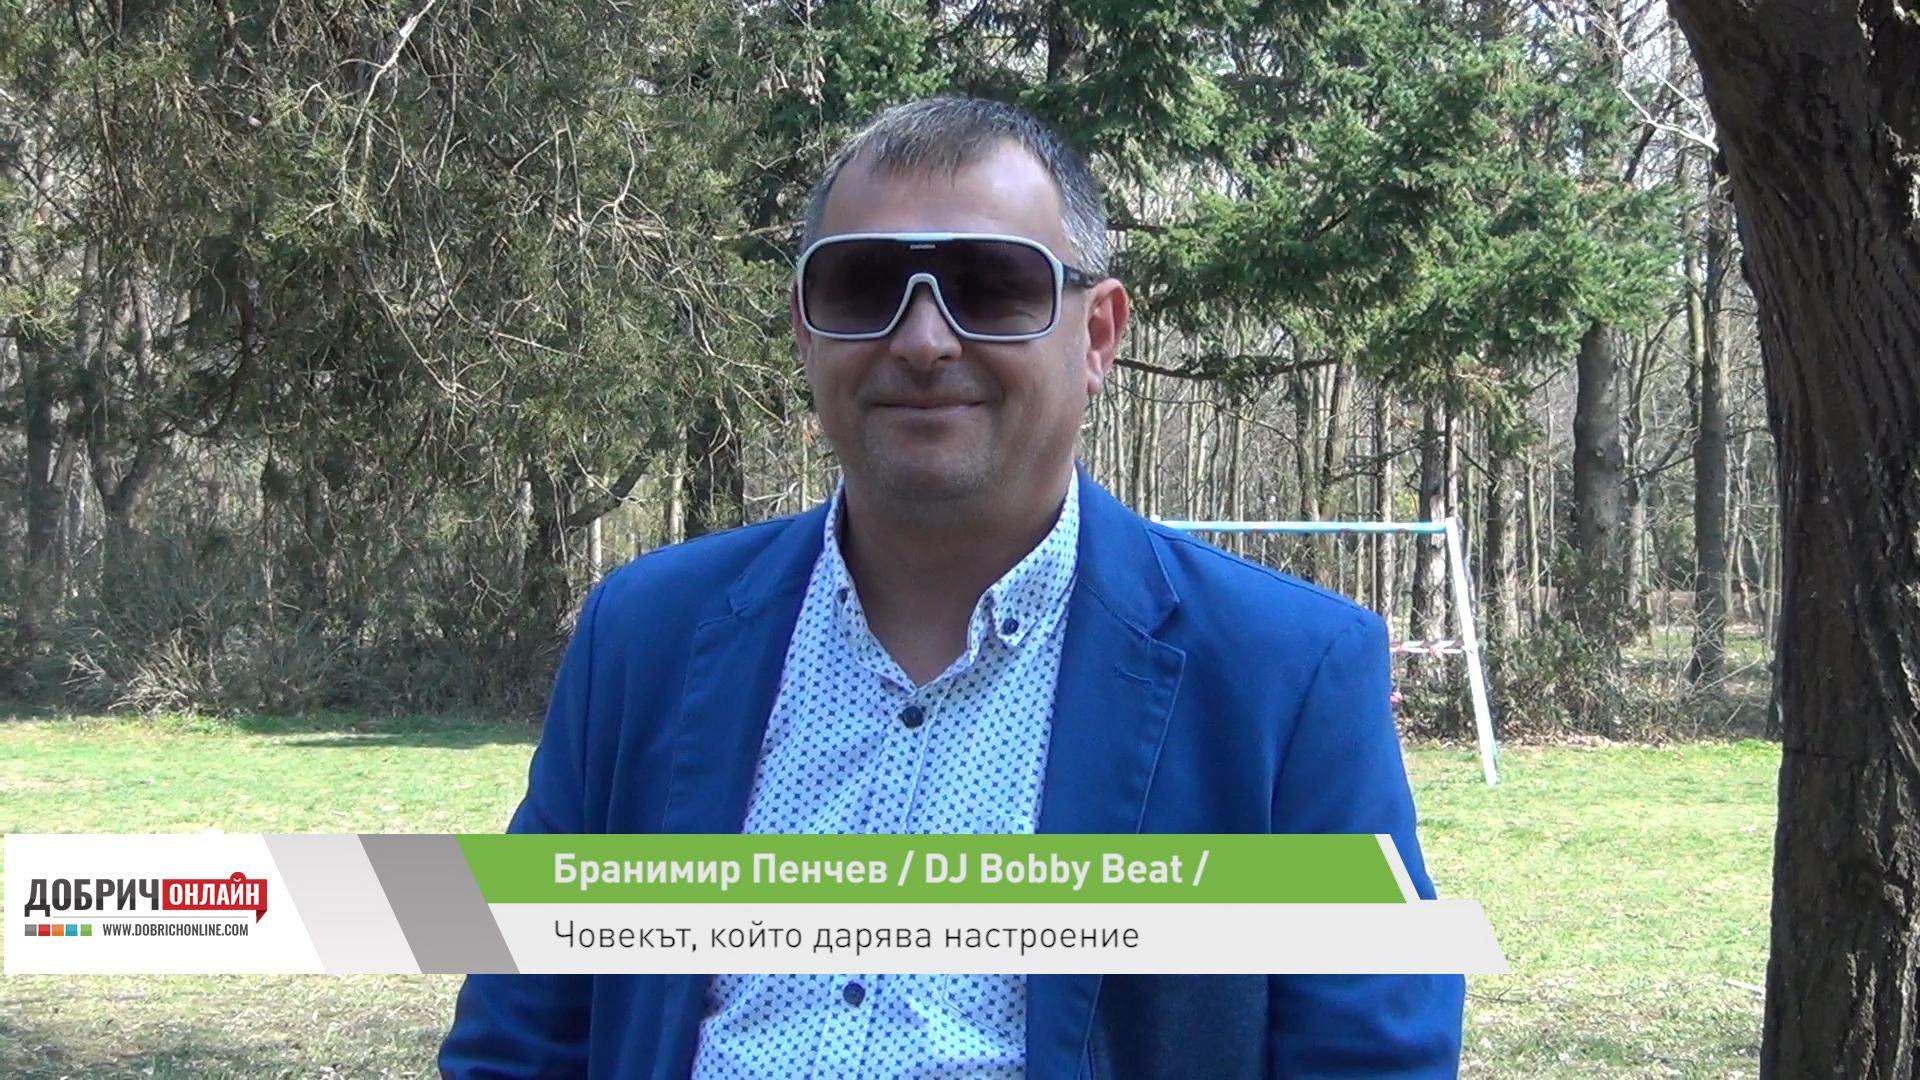 ПОЗИТИВНО: Бранимир - човекът, който дарява настроение (ВИДЕО)